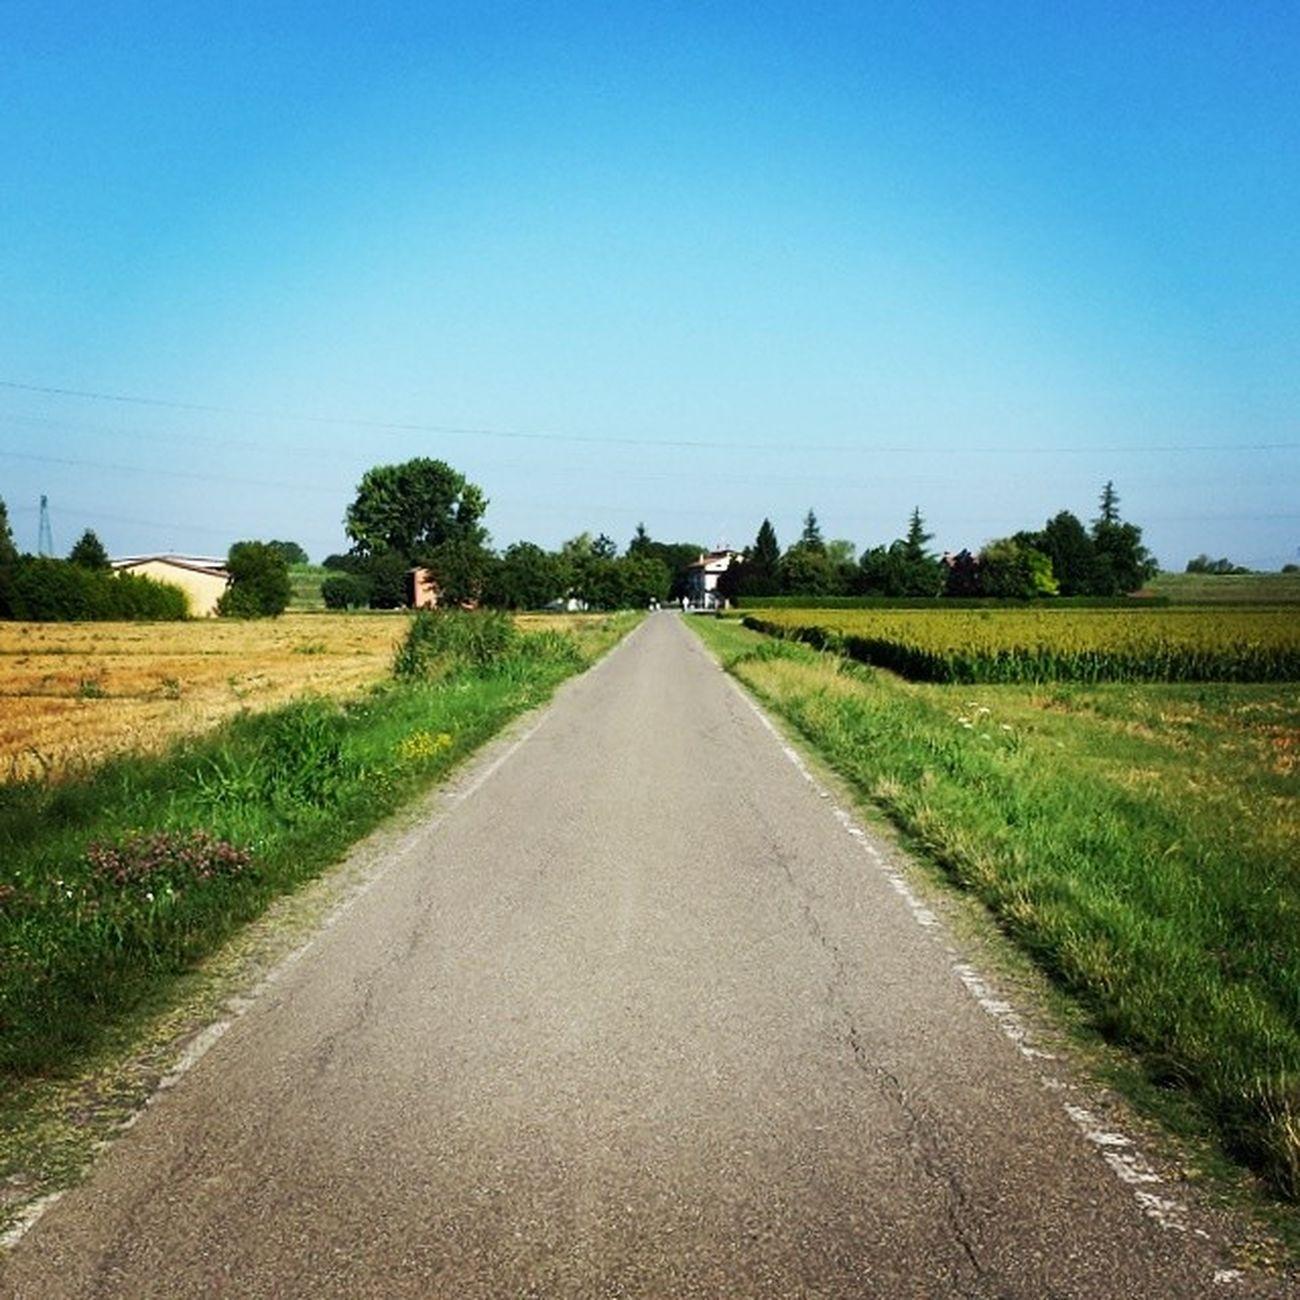 Metafora della Vitadiqualita . Non perdere di vista il fatto che c'è sempre una strada da percorrere tra te ed il tuo prossimo Obiettivo . Kaizen  marcocostanzophoto